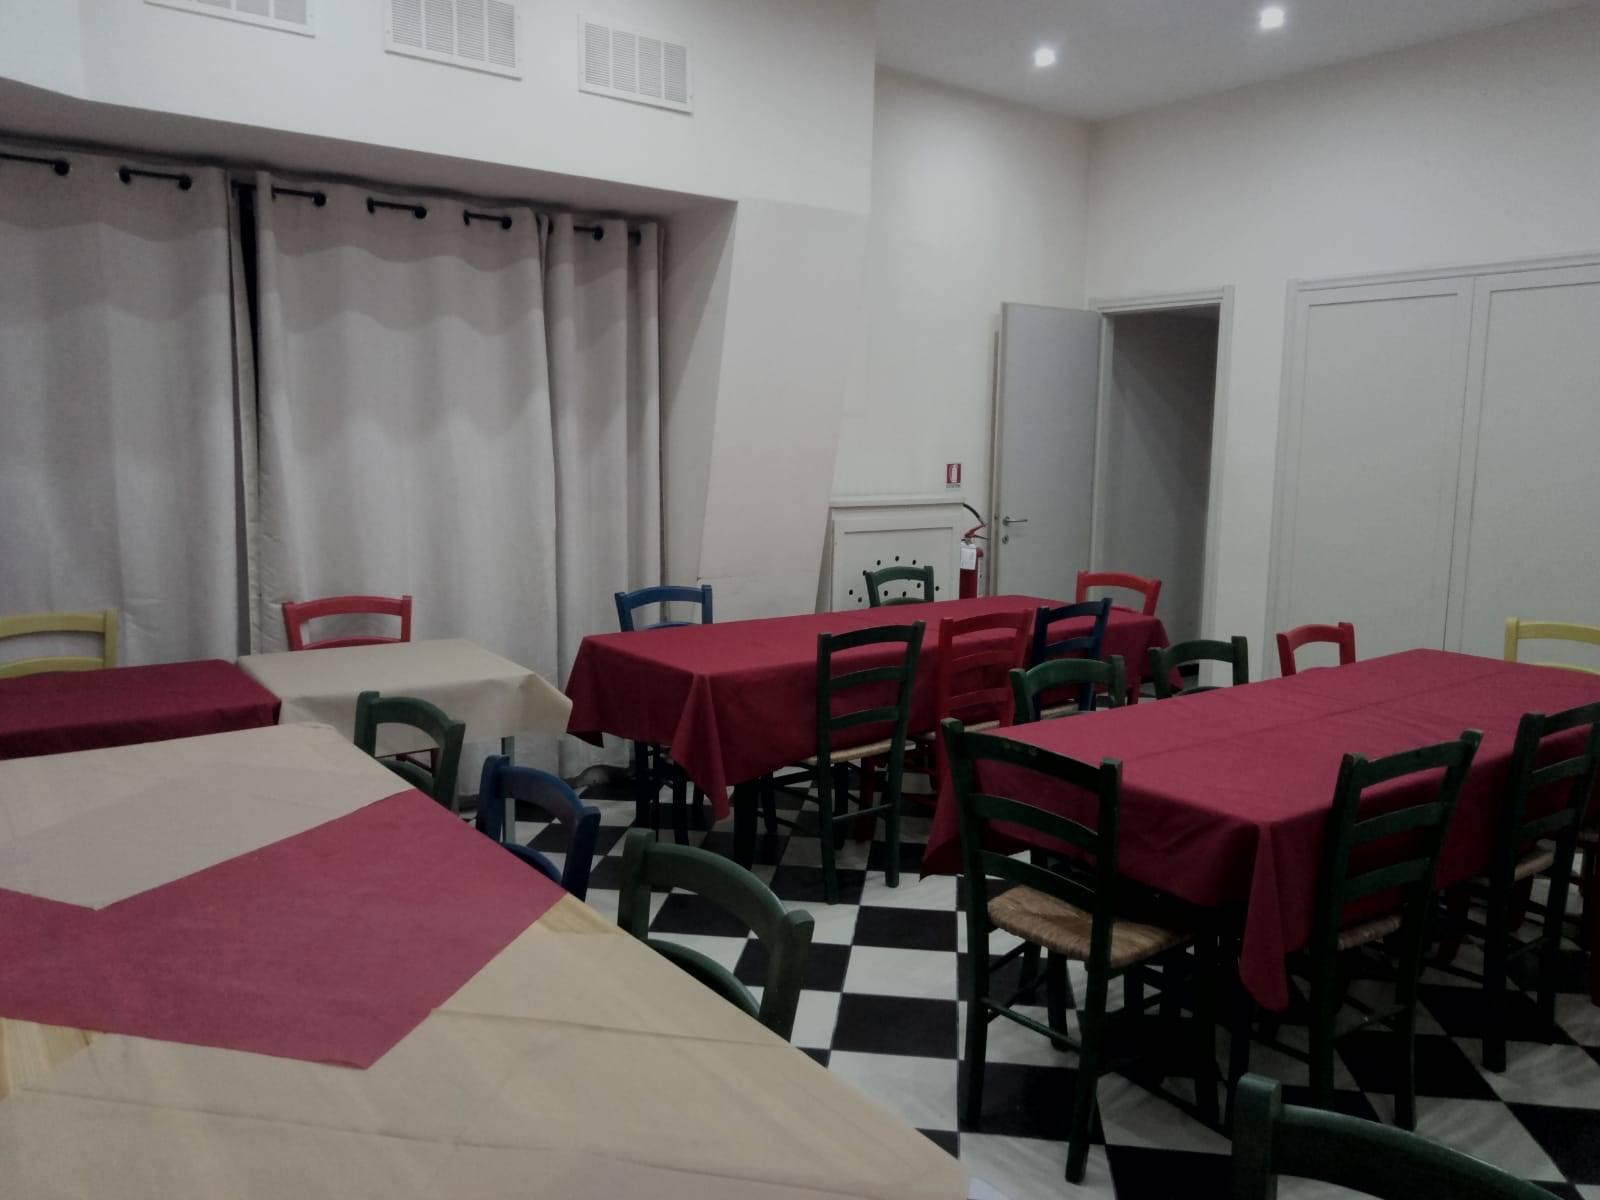 Ristorante in Affitto a Prato zona Sacrocuore - immagine 5